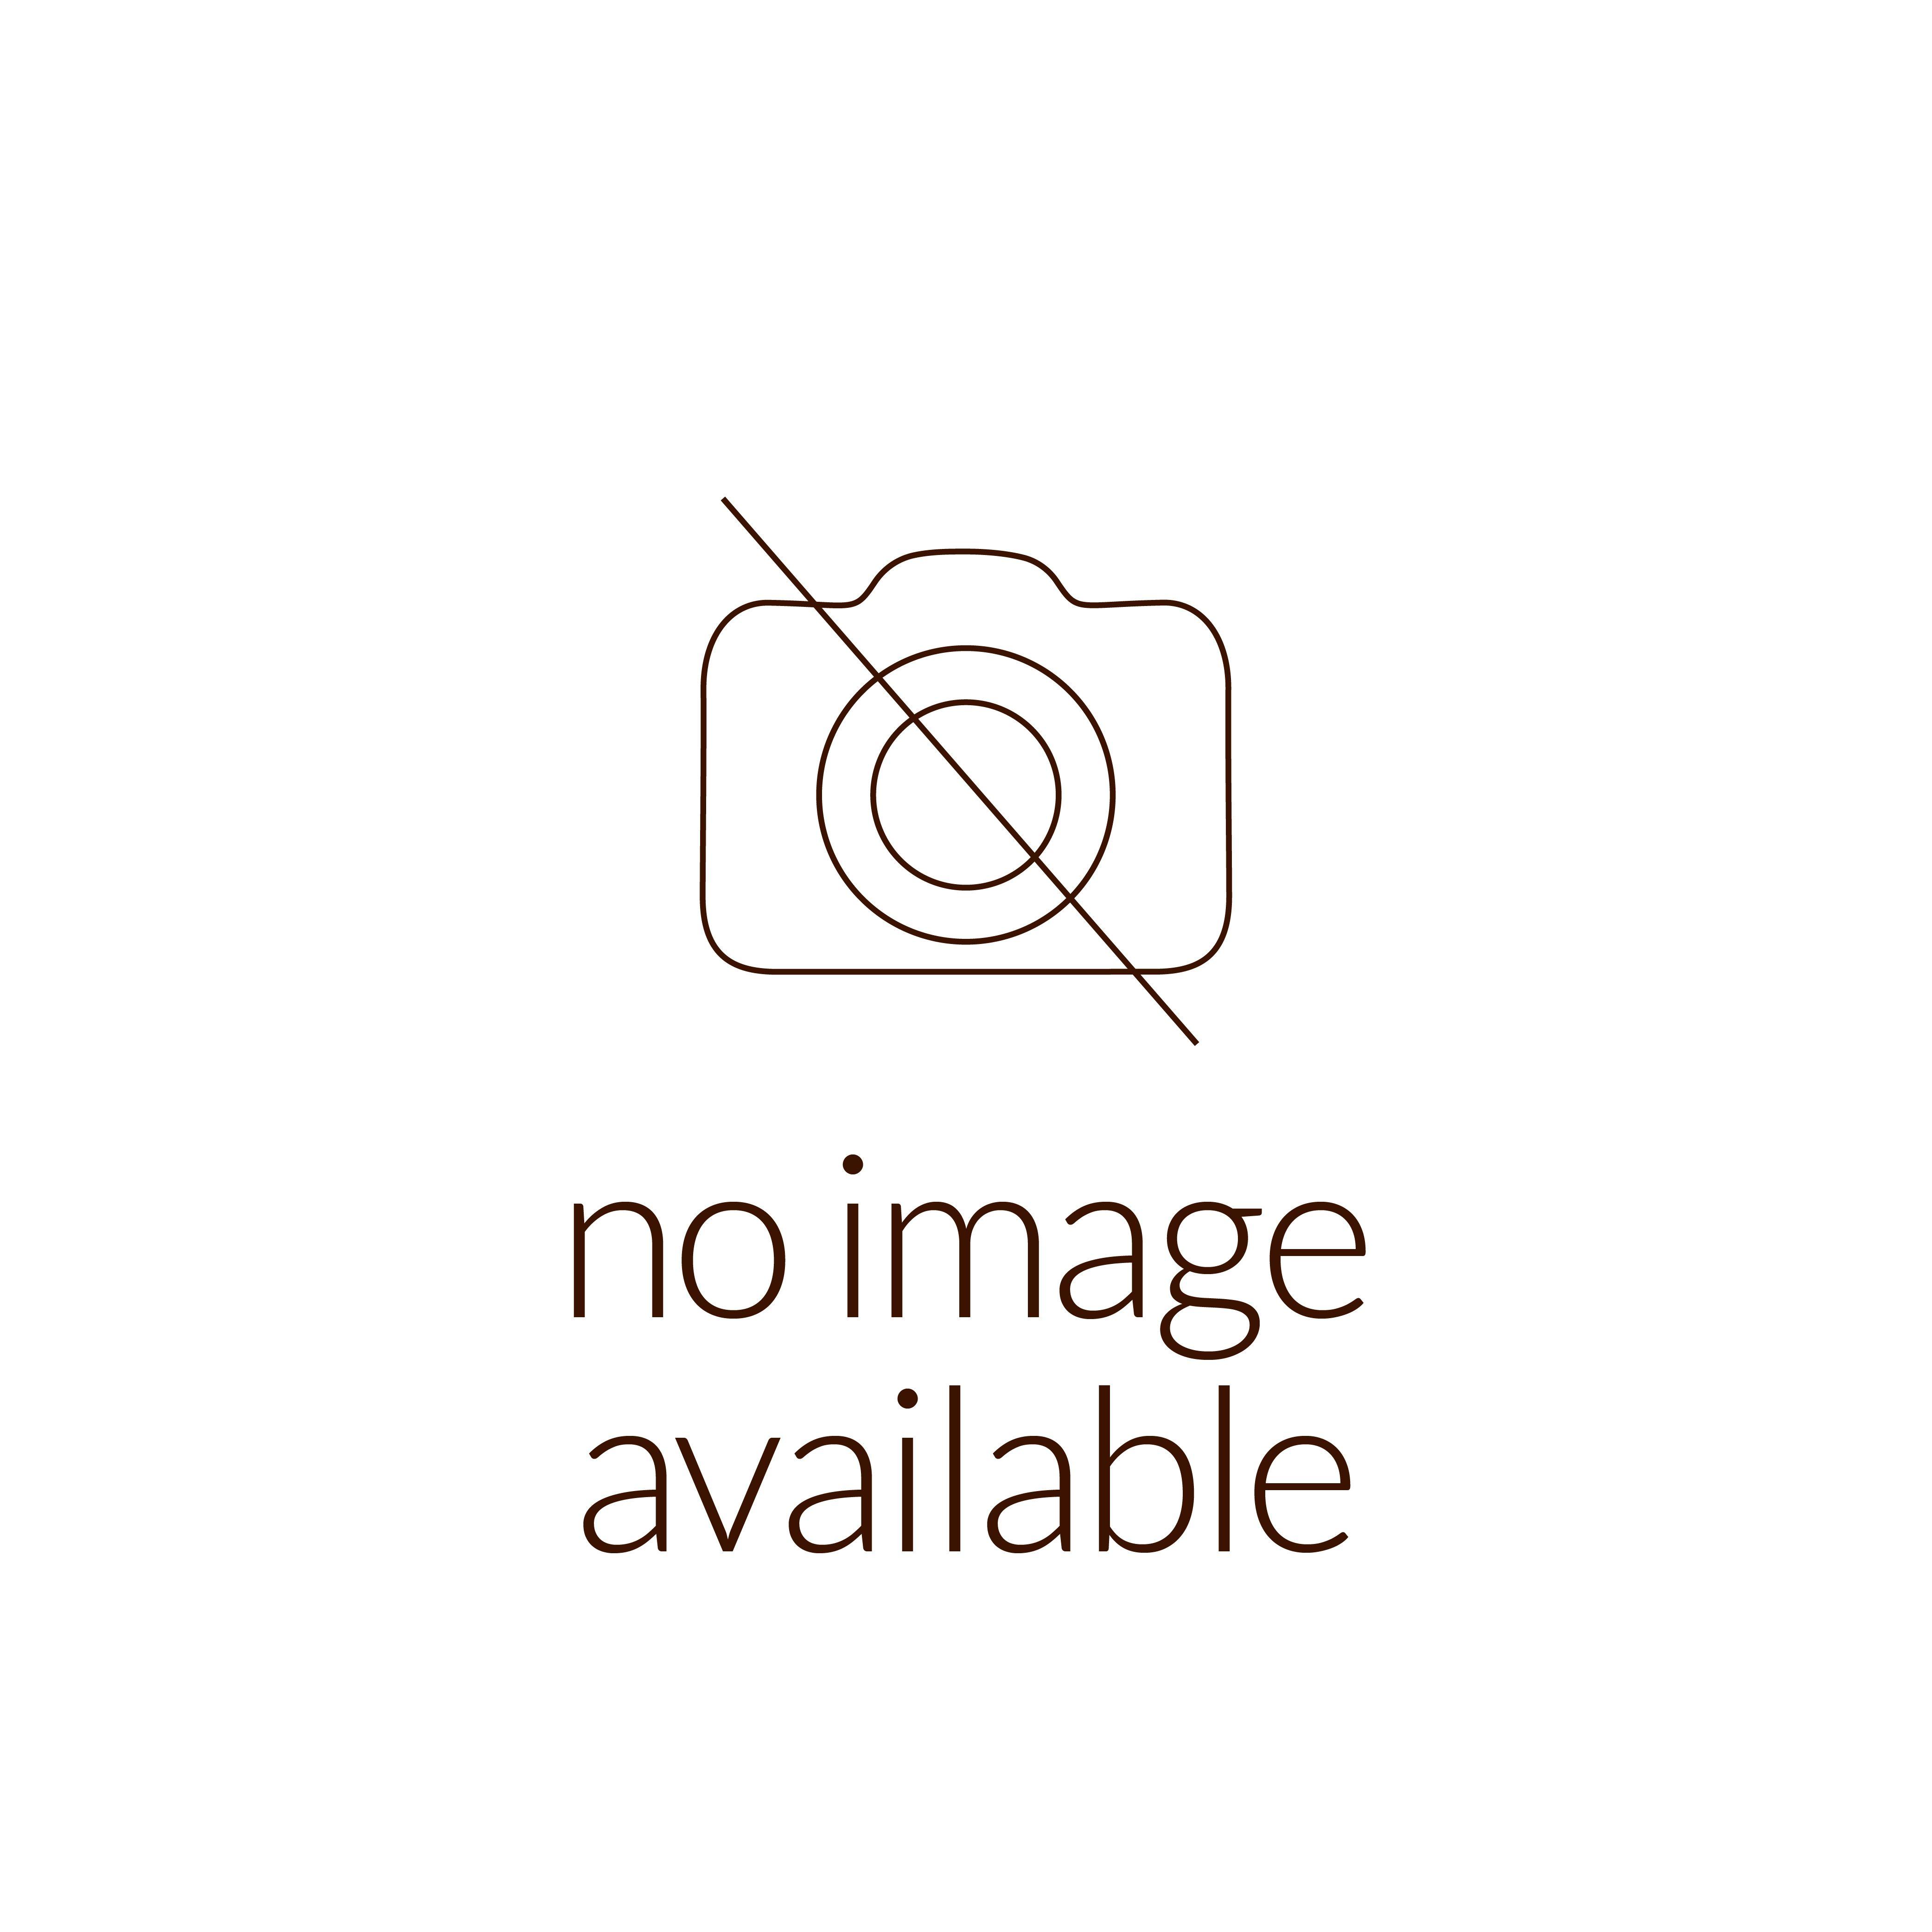 """מדליה ממלכתית, שלדג לבן-חזה - ציפורי ארץ ישראל, כסף קשוט 999, 50 מ""""מ, ½ אונקיה - צד הנושא"""